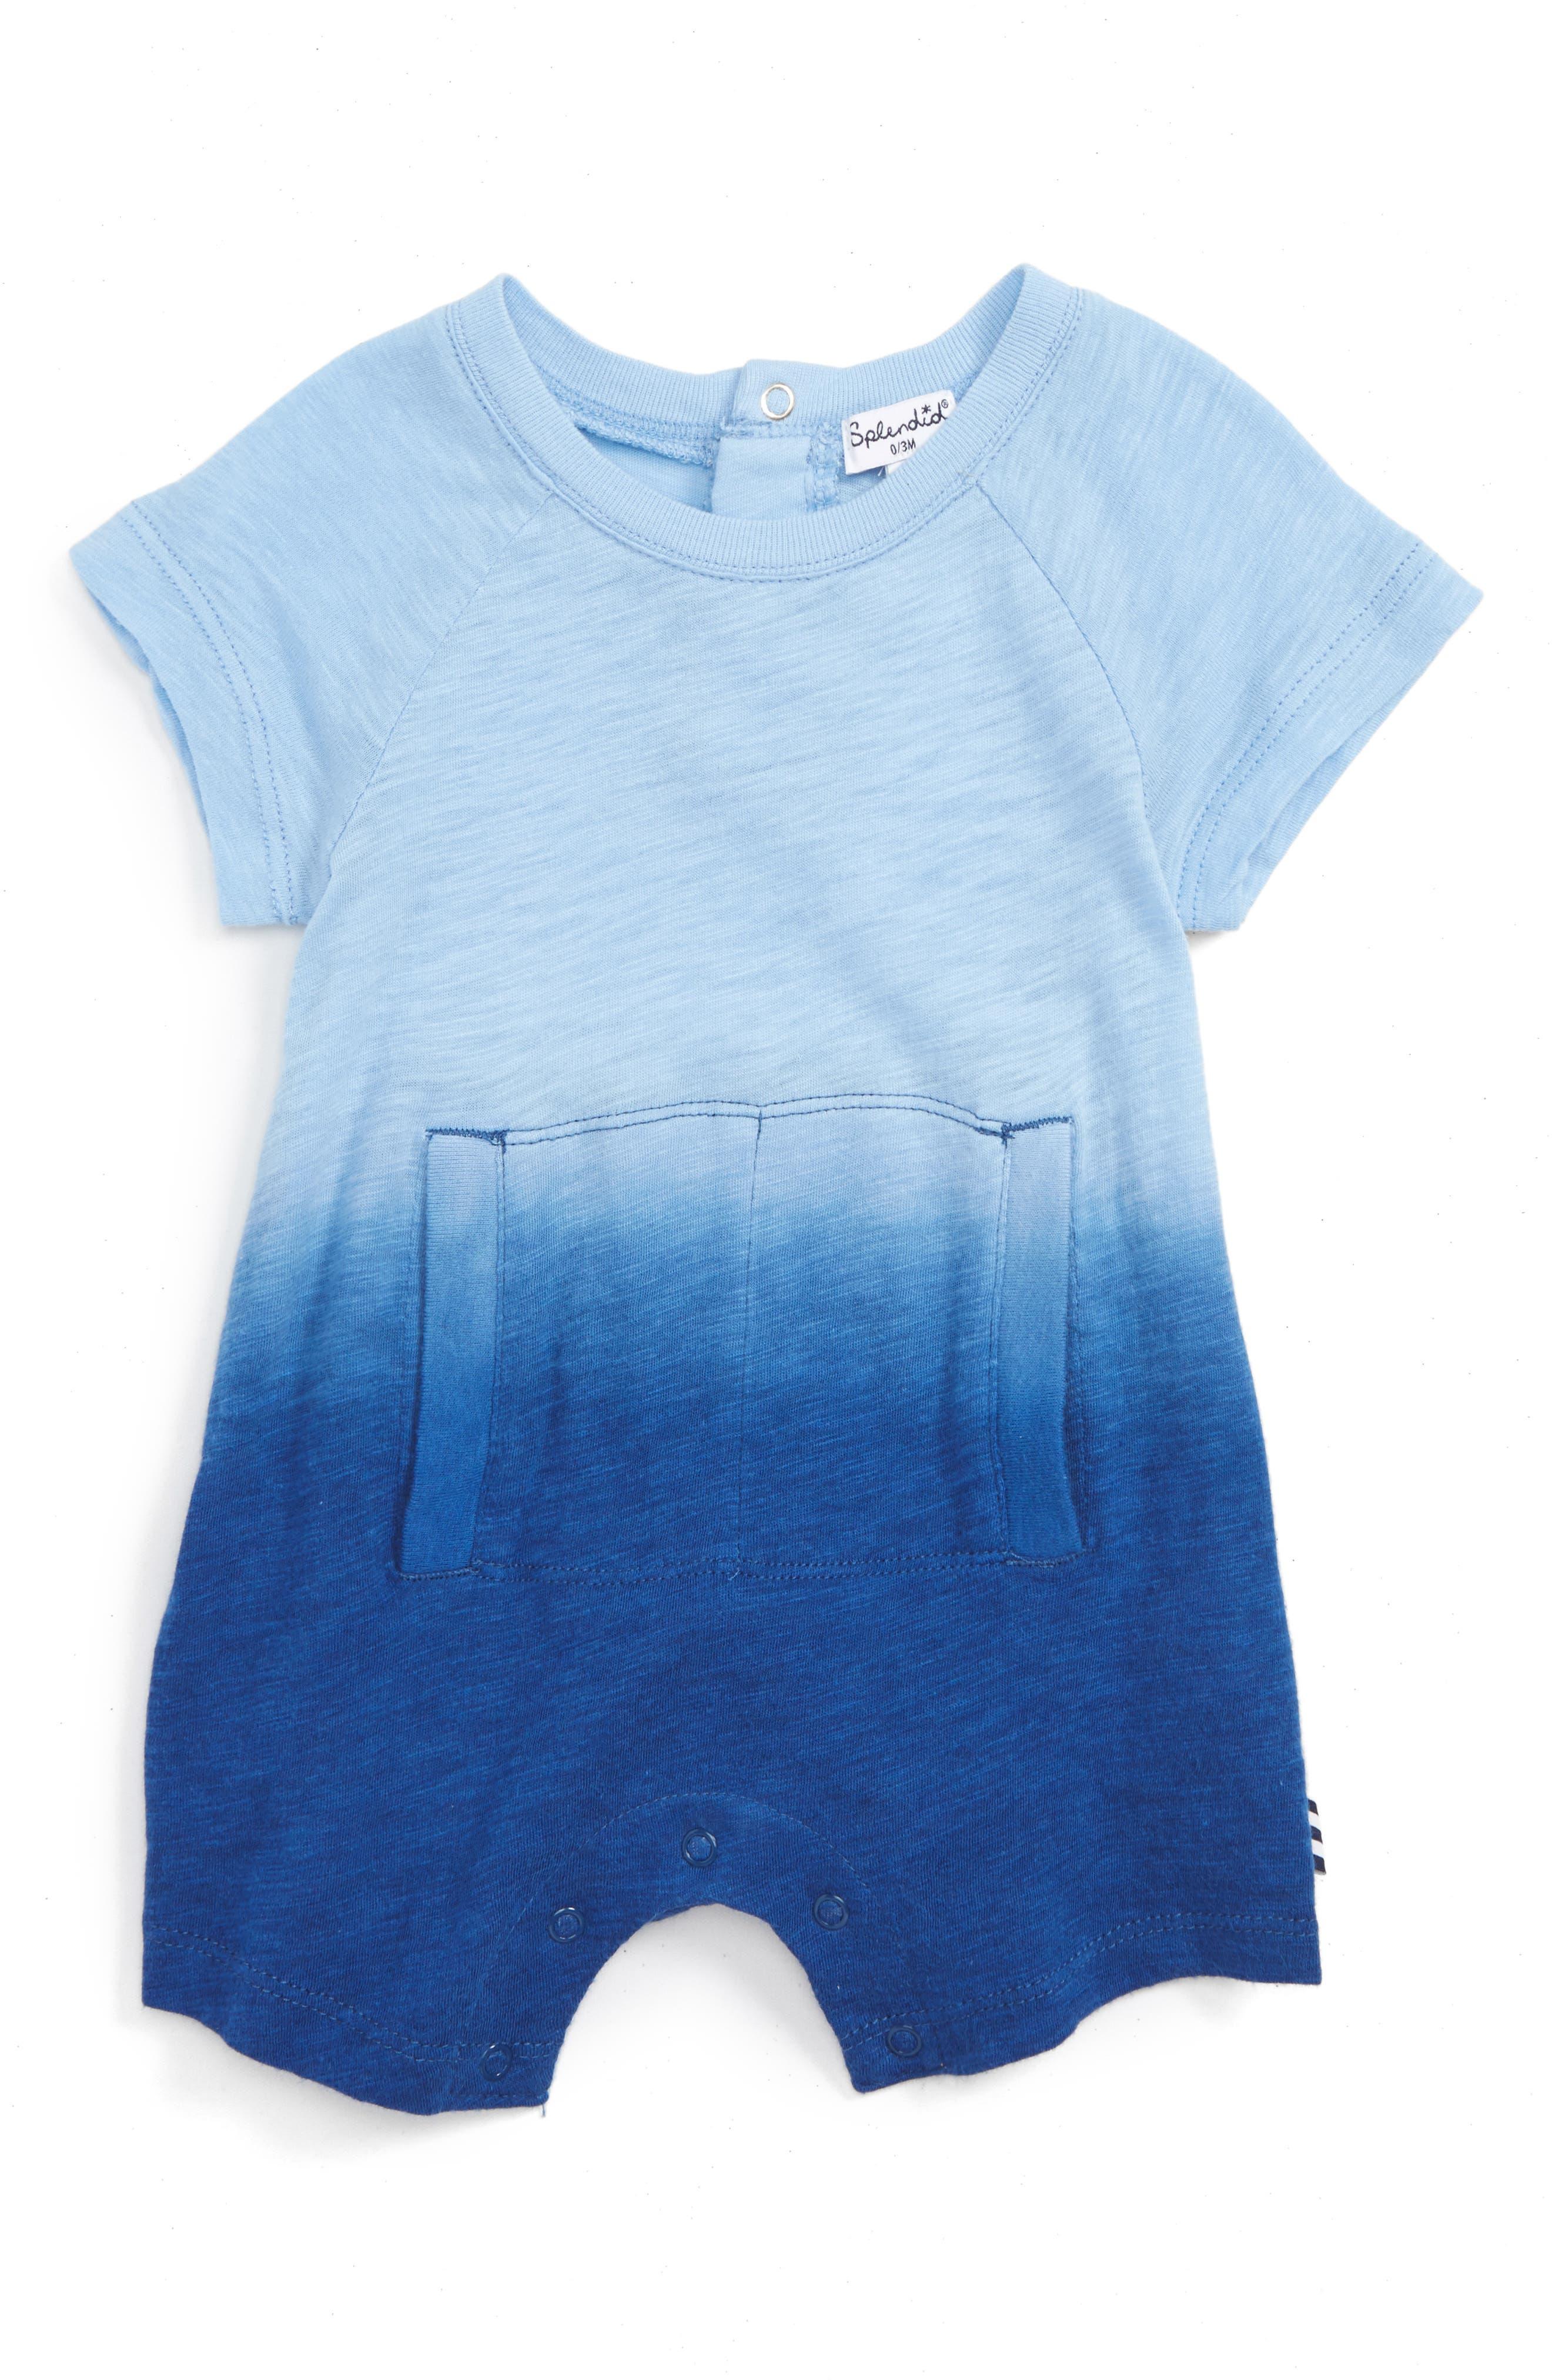 Splendid Dip Dye Short Romper (Baby)